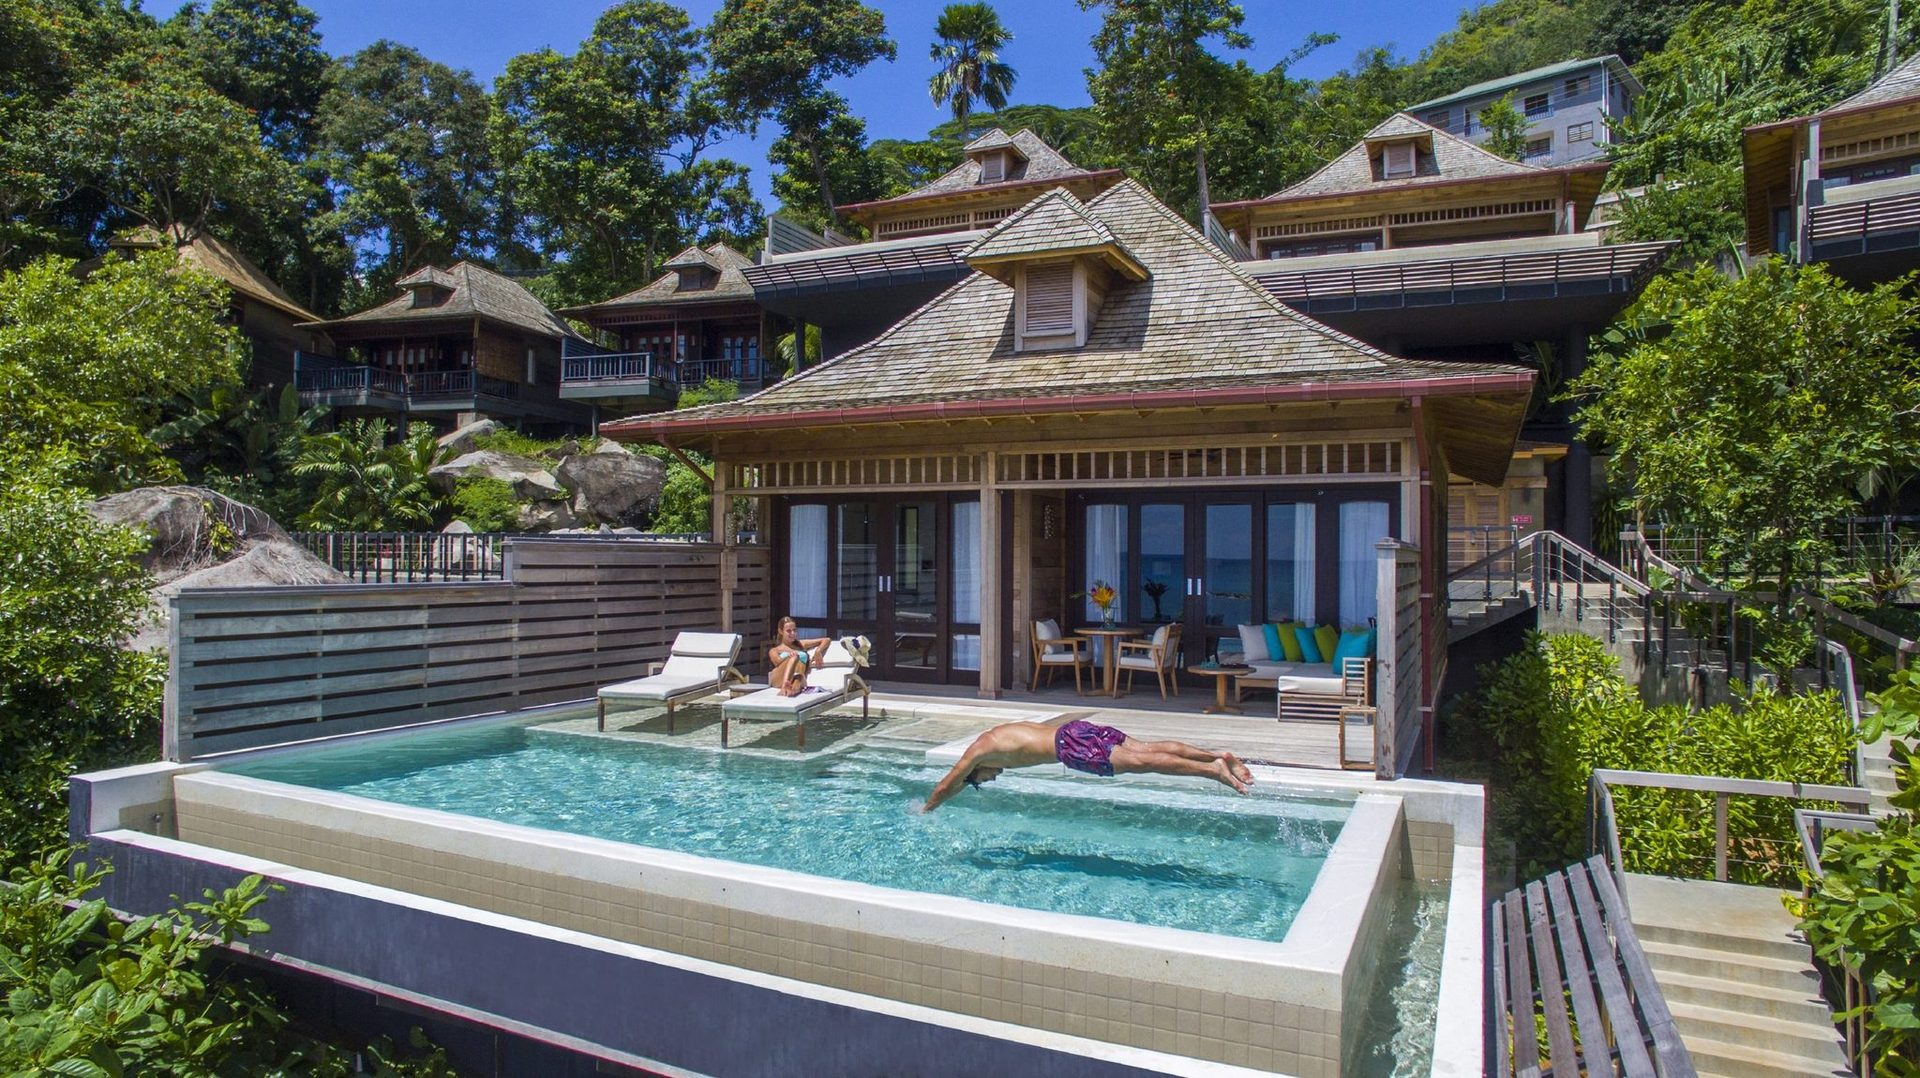 Один з номерів Hilton Seychelles Northolme Resort & Spa названий на честь відомого гостя - Яна Флемінга - автора захоплюючих романів про Джеймса Бонда.